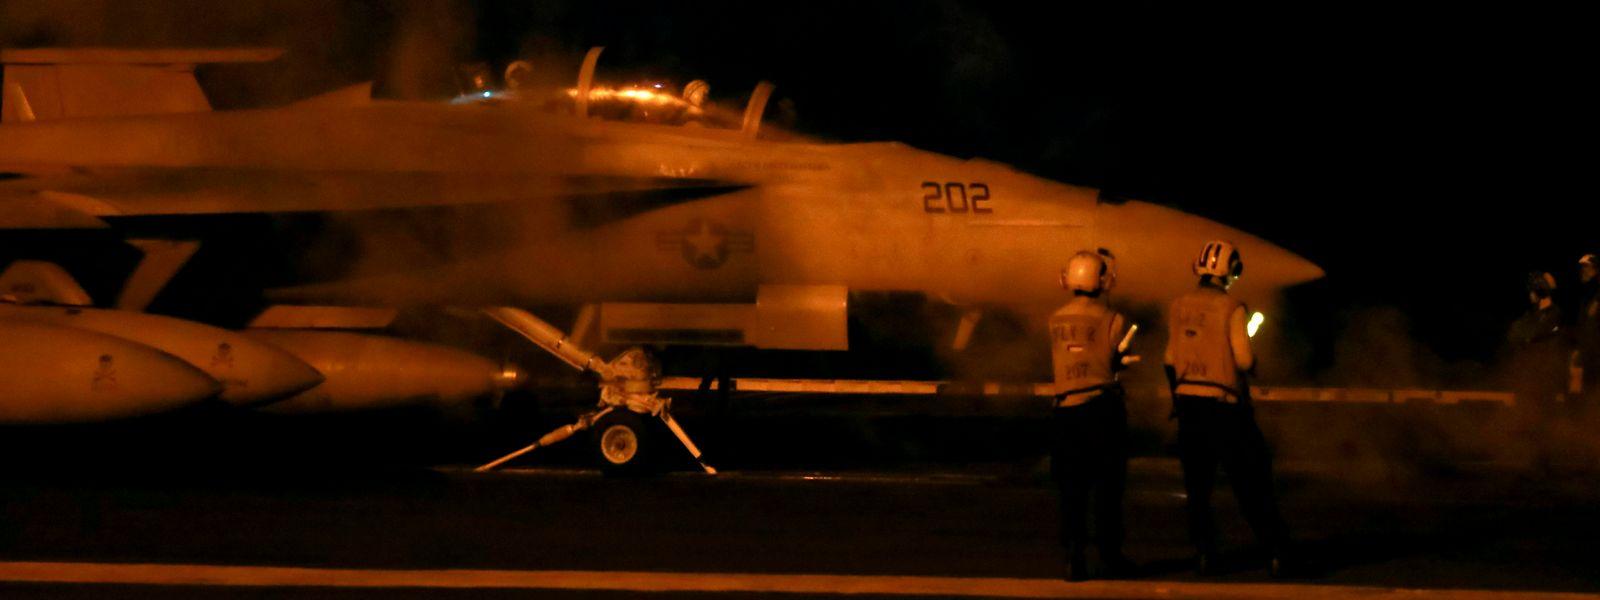 Ein F/A-18F Super Hornet Kampfflugzeug der Jolly Rogers von der Strike Fighter Squadron (VFA) 103 wird auf dem Flugdeck des Nimitz-Klasse Flugzeugträgers Abraham Lincoln zum Start vorbereitet.